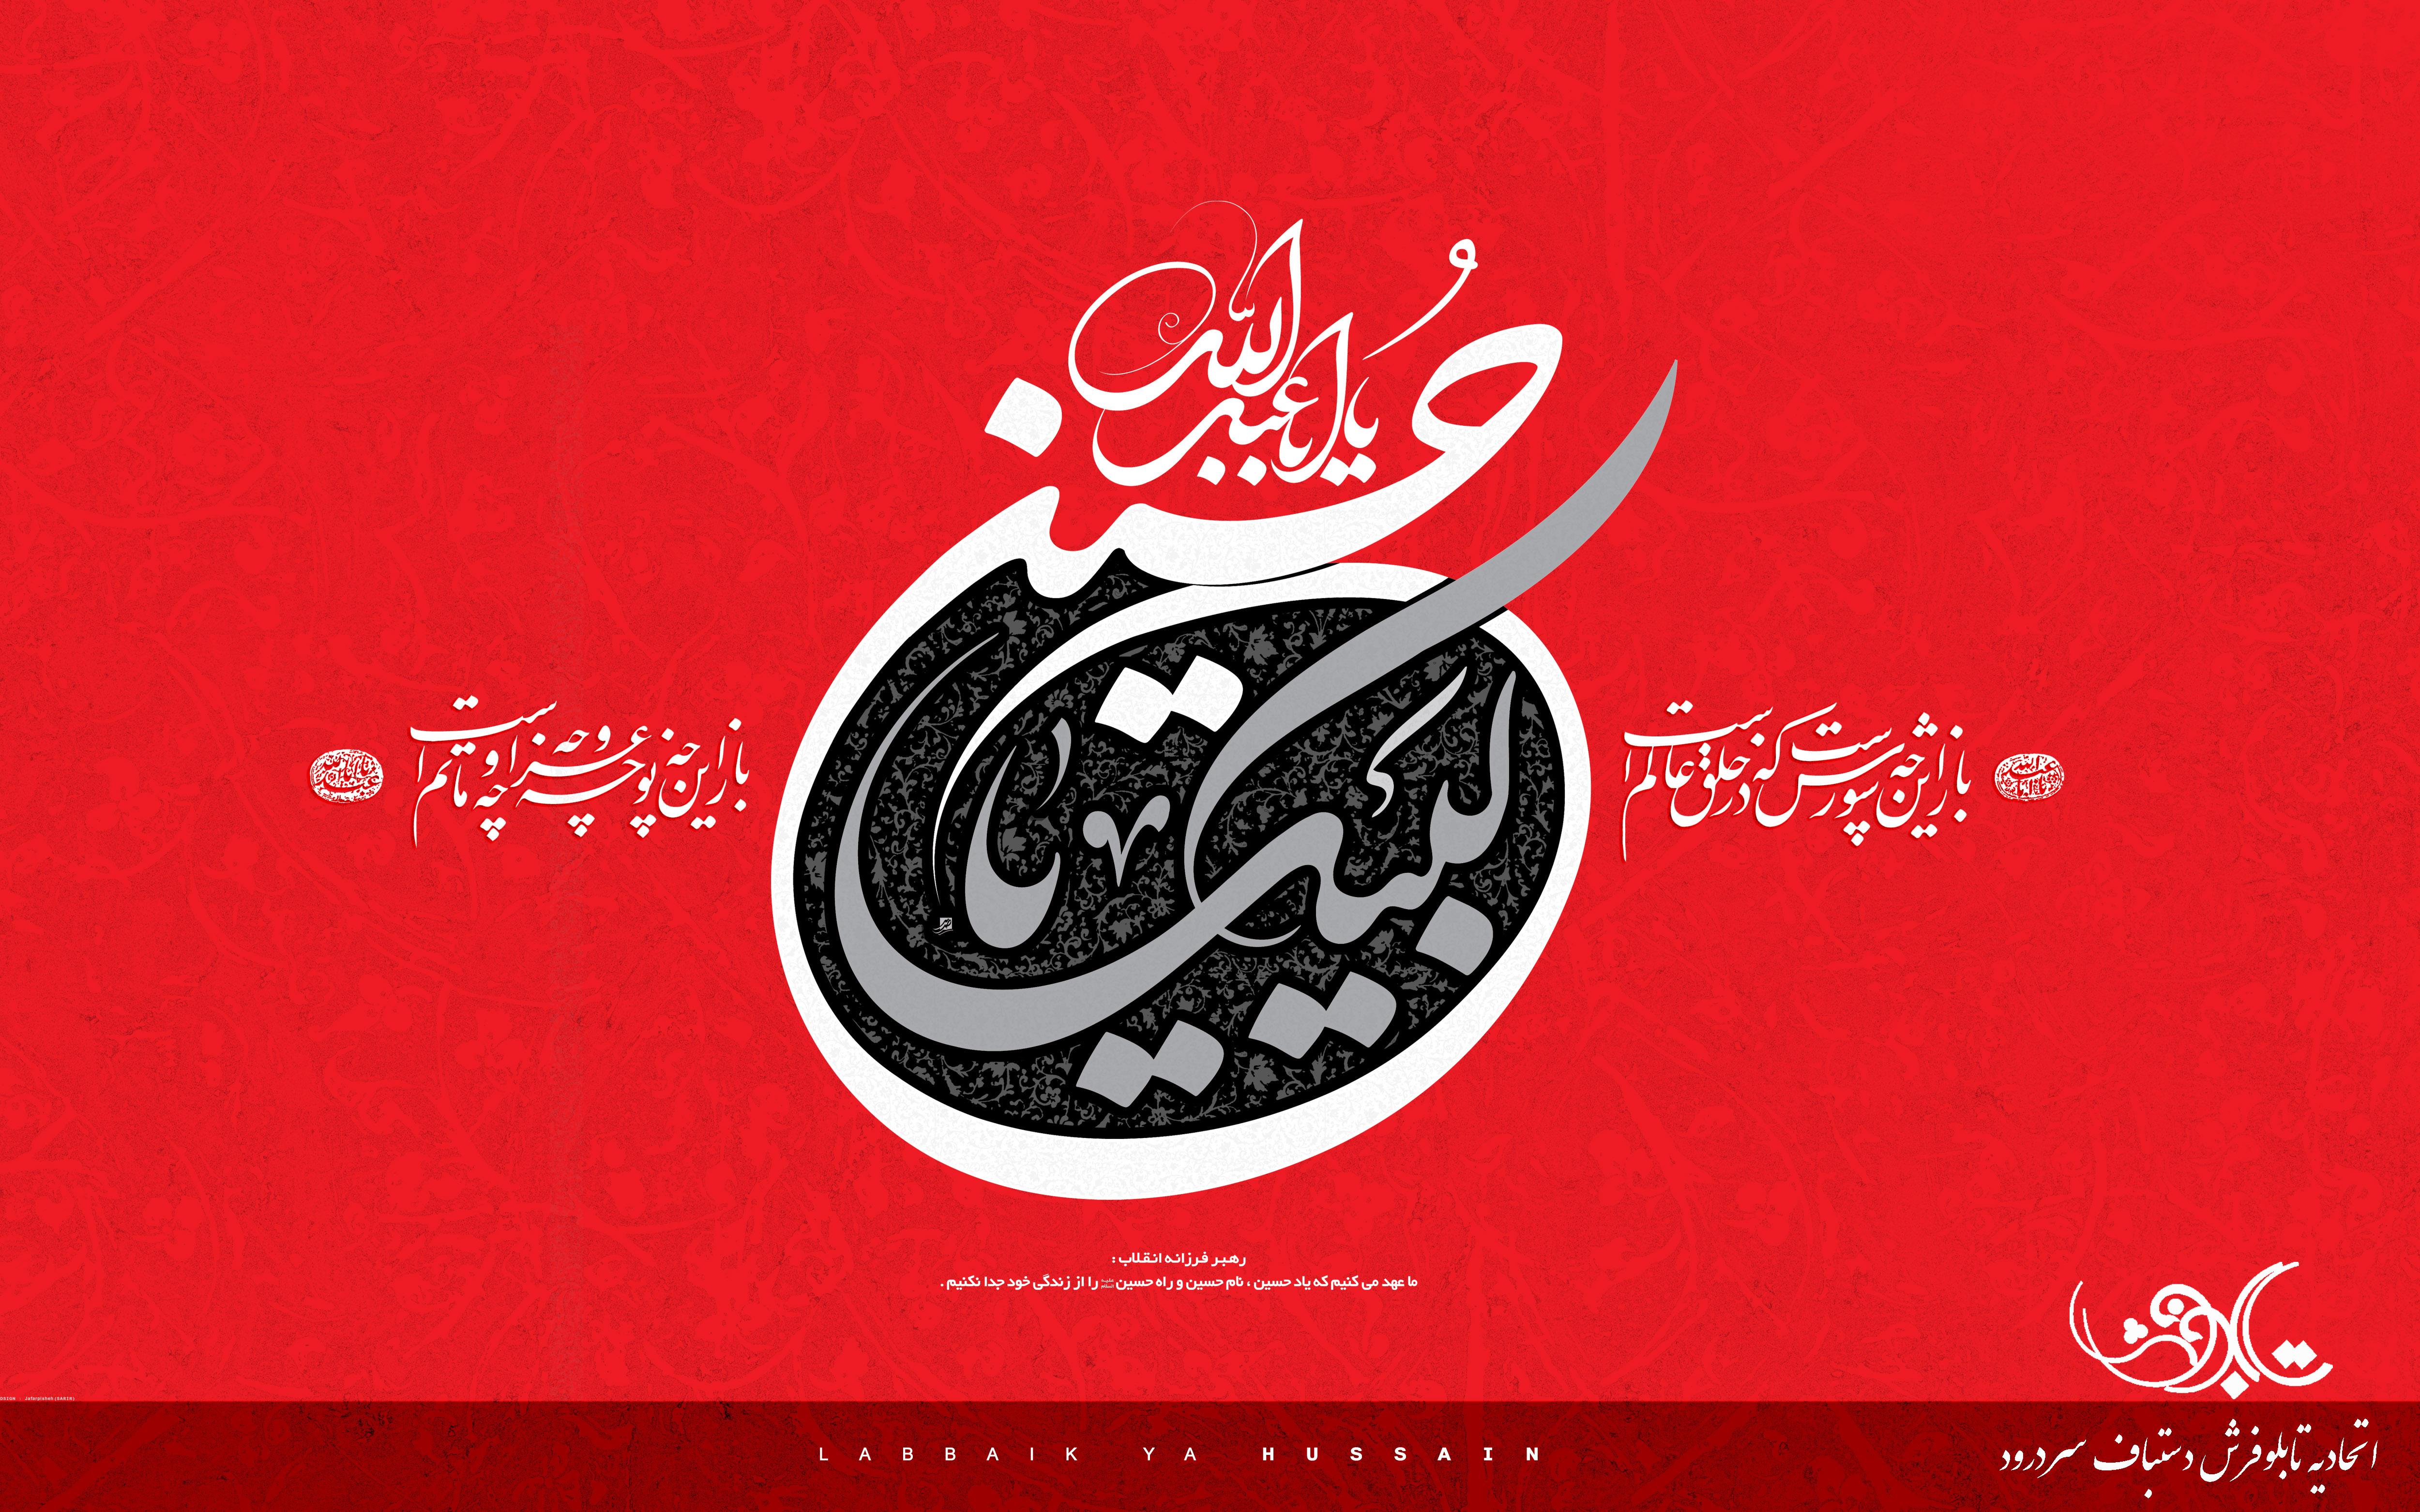 ایام سوگواری حضرت سیدالشهداء (ع) بر عموم شیعیان آن حضرت تسلیت باد.